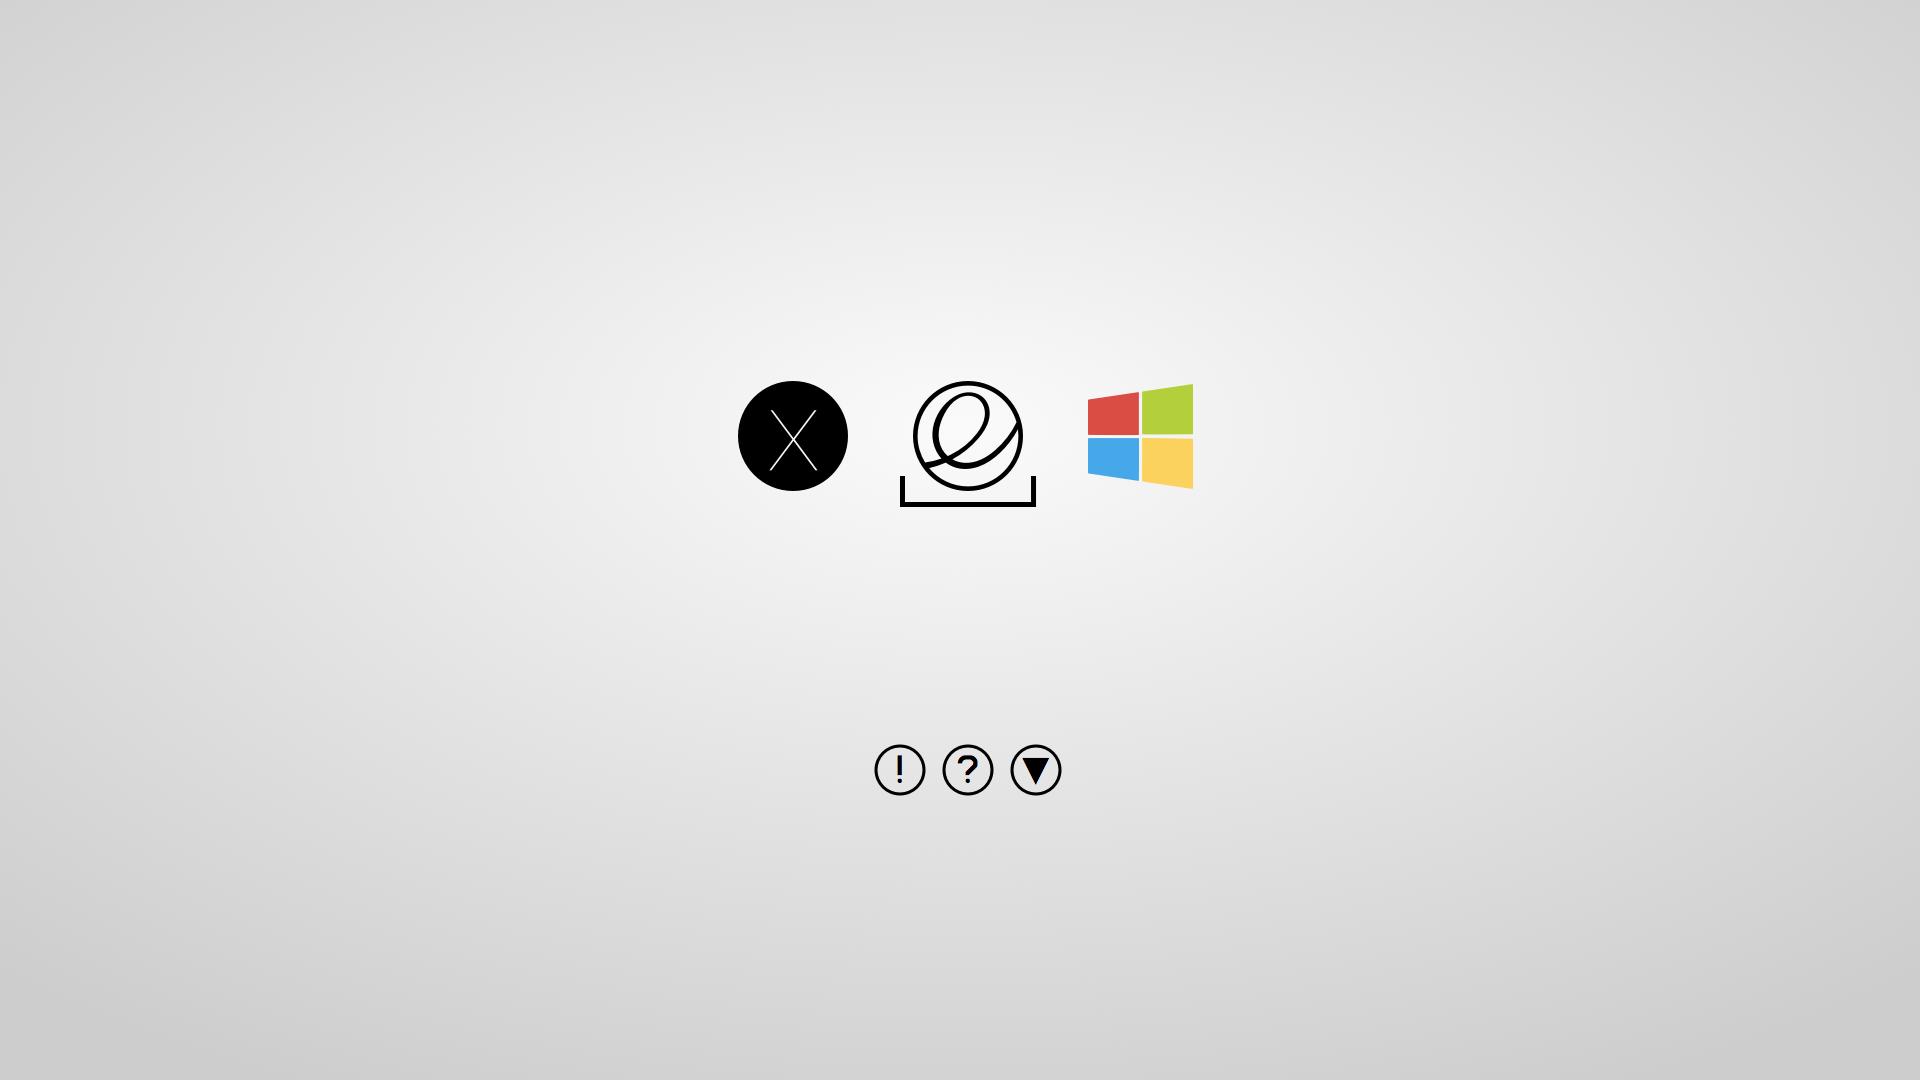 logiciel retouche photo windows 8 1 lFIABvZ